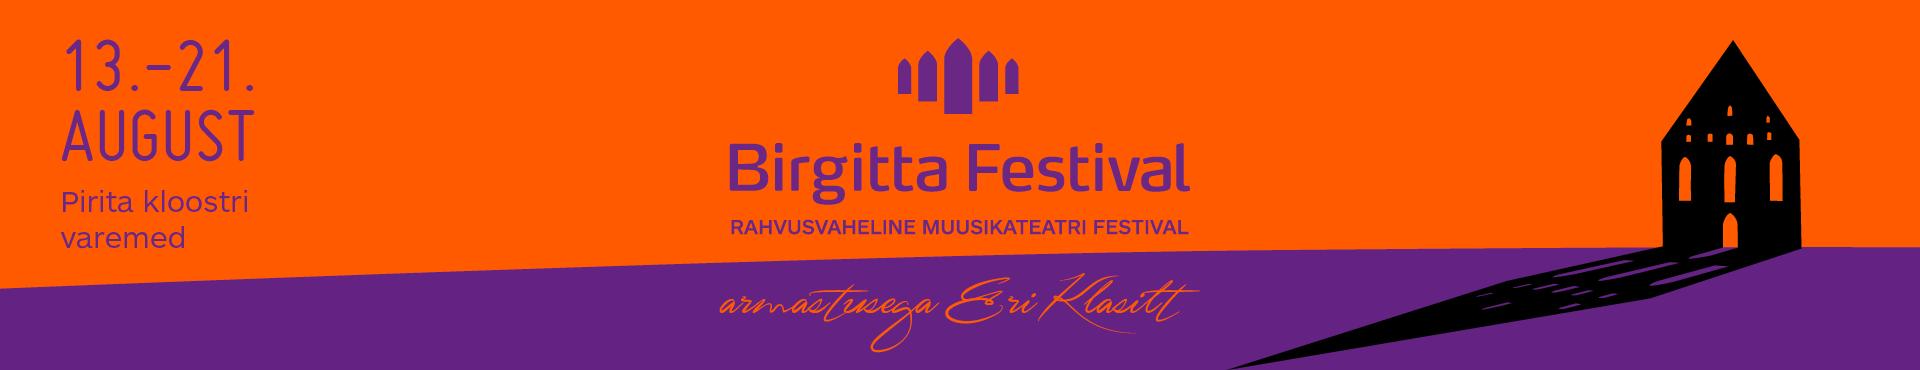 Birgitta Festival vahe1